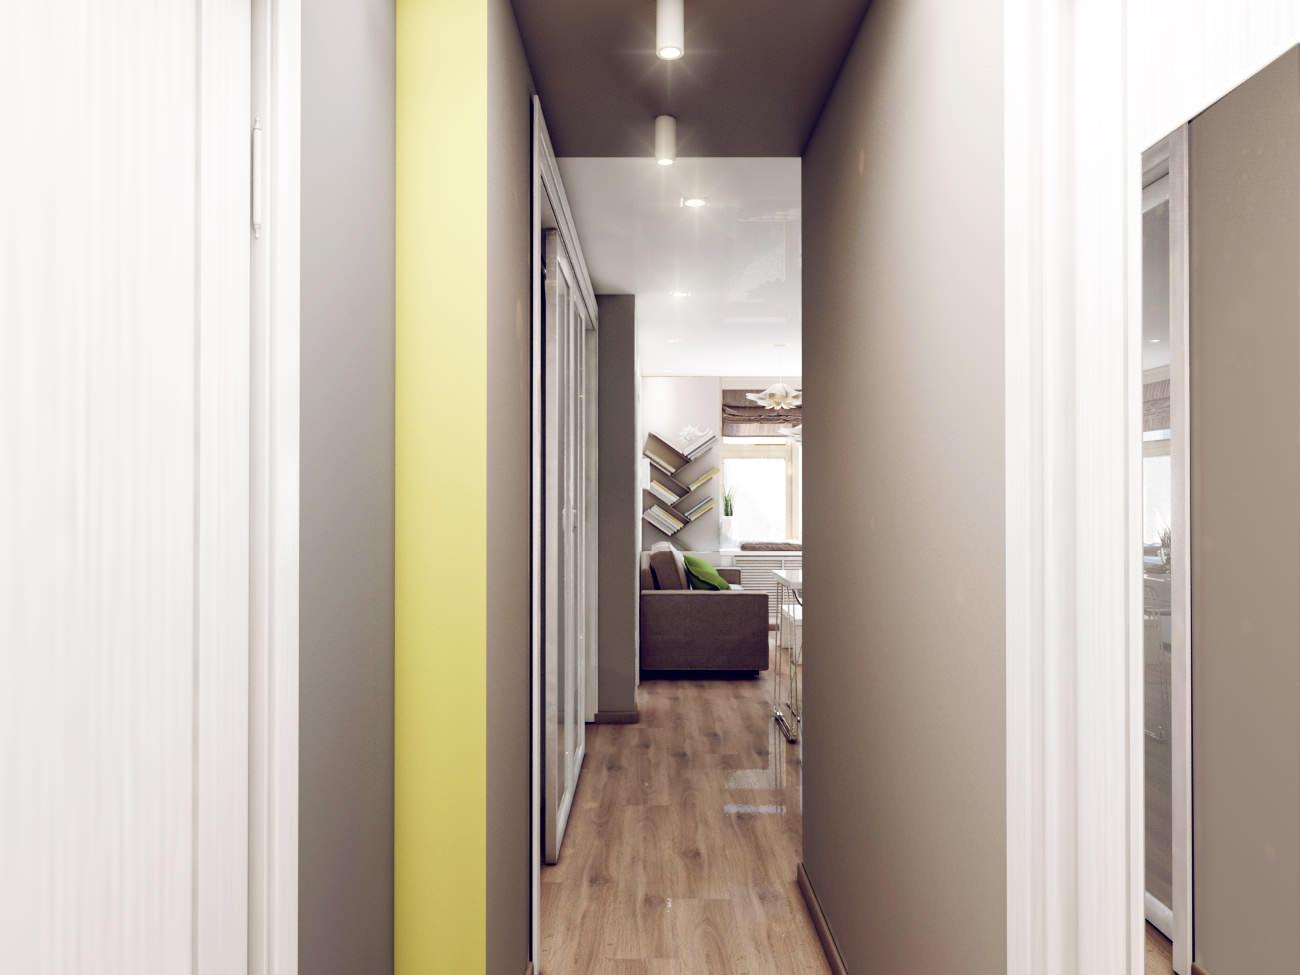 mini-apartament-sas-svej-i-praktichen-interioren-dizain-44-m-912g